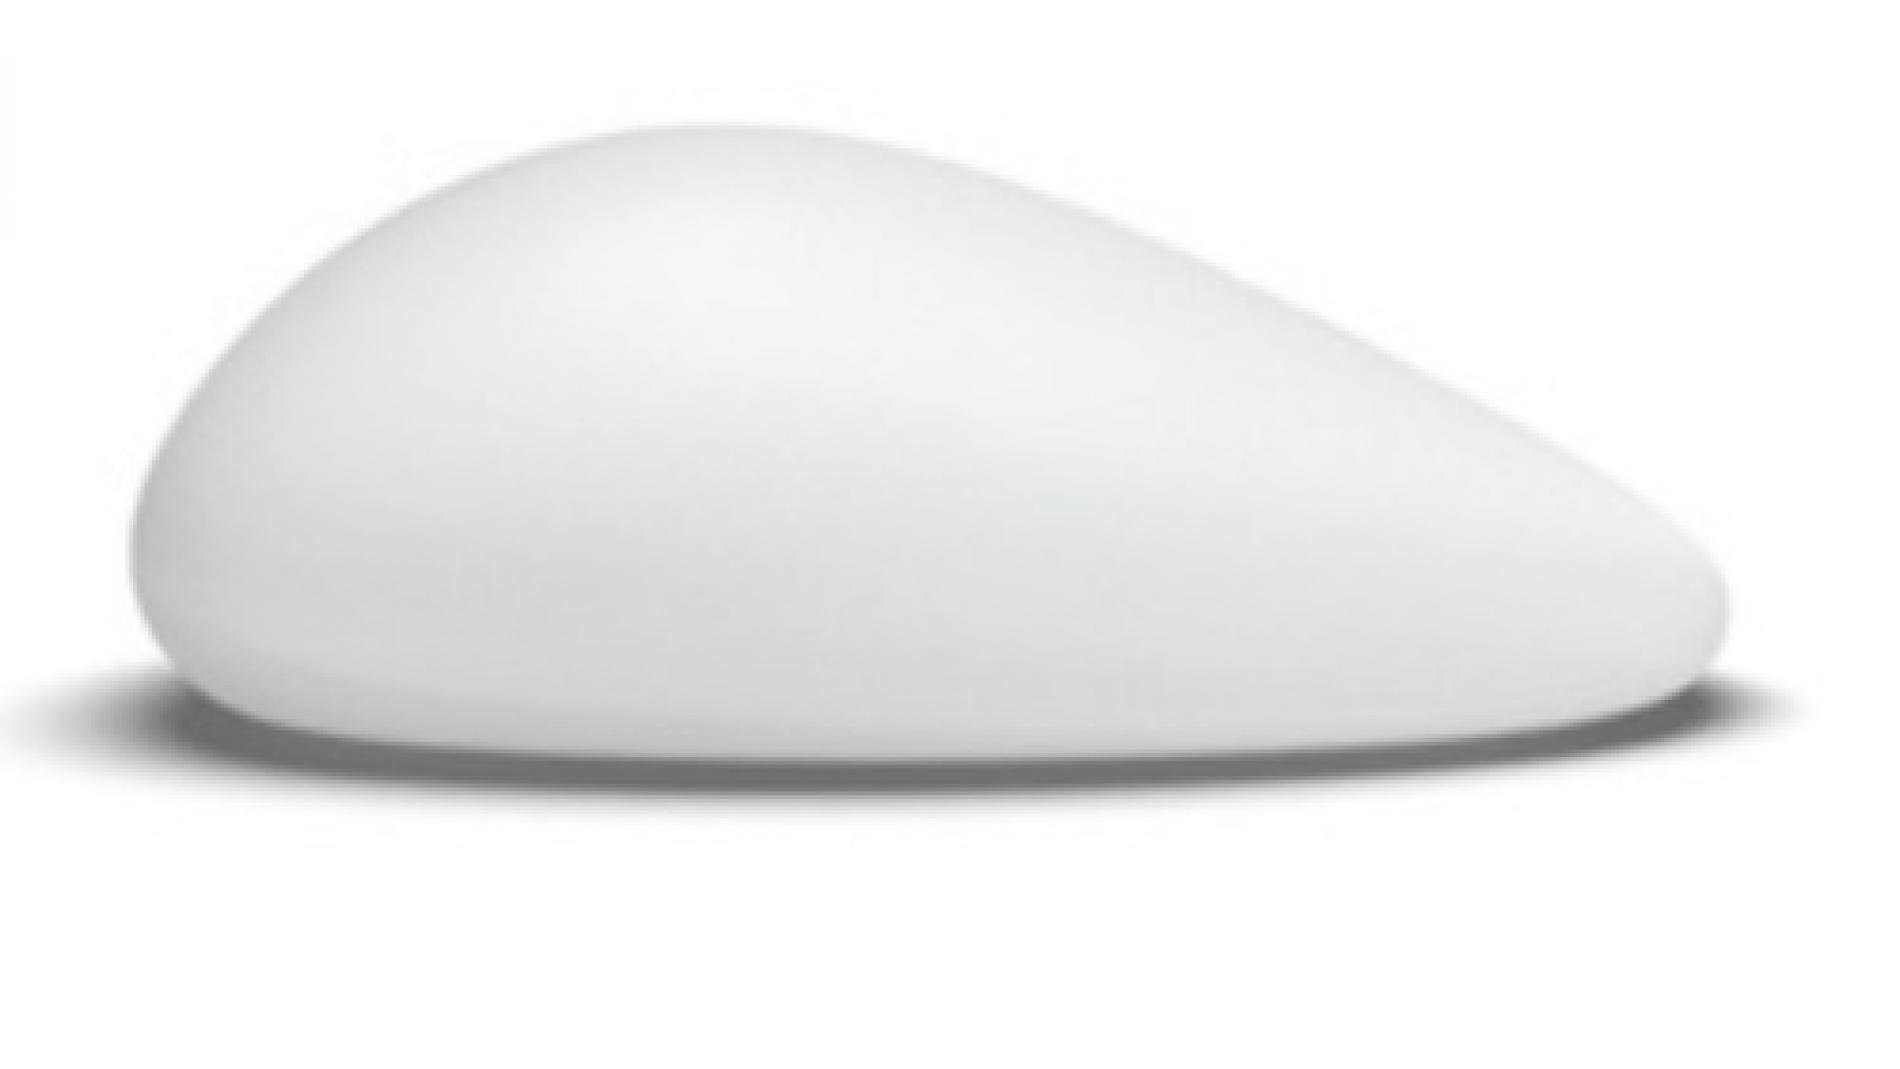 clinica de cirurgia plastica em santos dra ana lucia lemos silicone